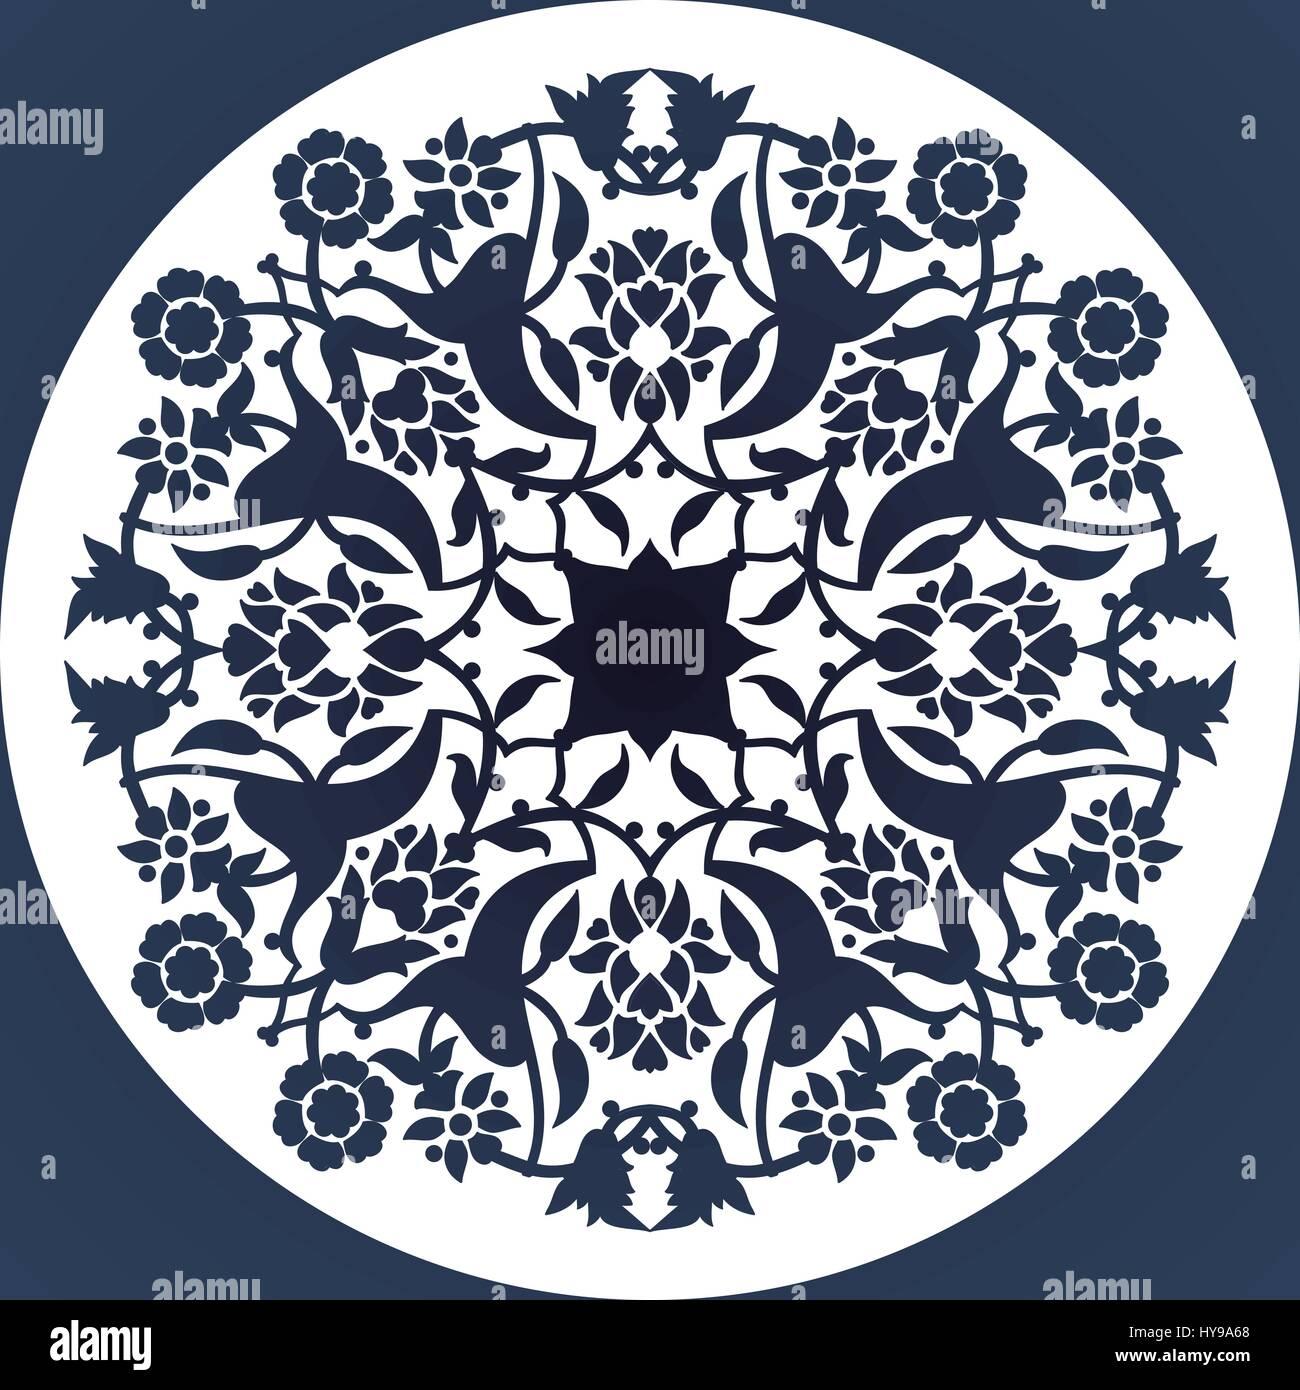 Corte láser ronda arabescos florales ornamento vector patrón ...